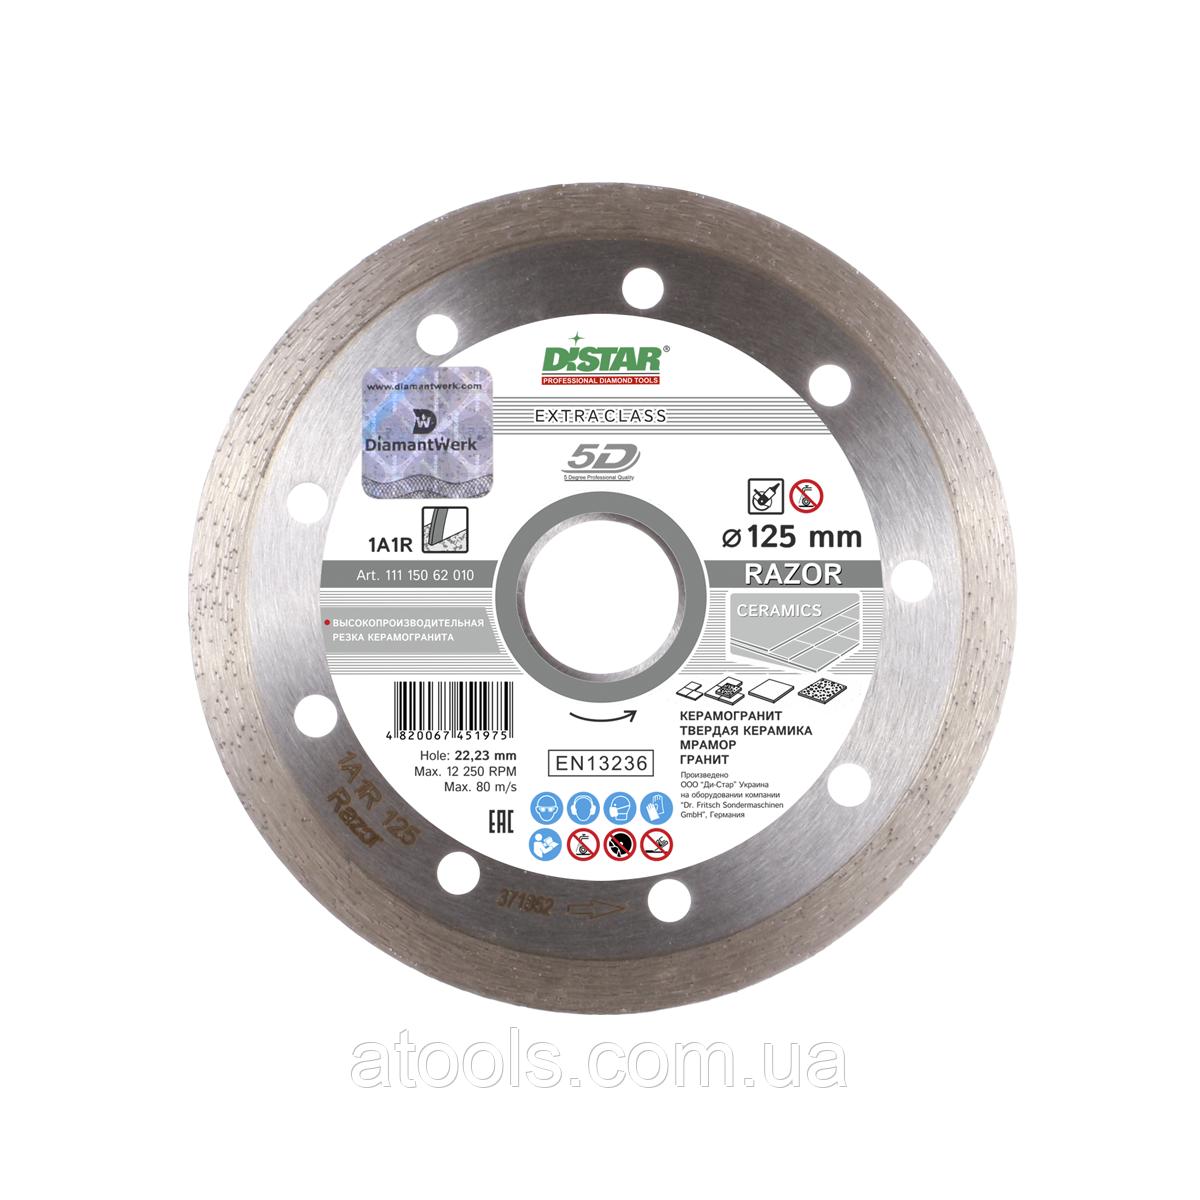 Алмазный отрезной диск Distar Razor 1A1R 180x2x8.5x22.23 (11115062014)